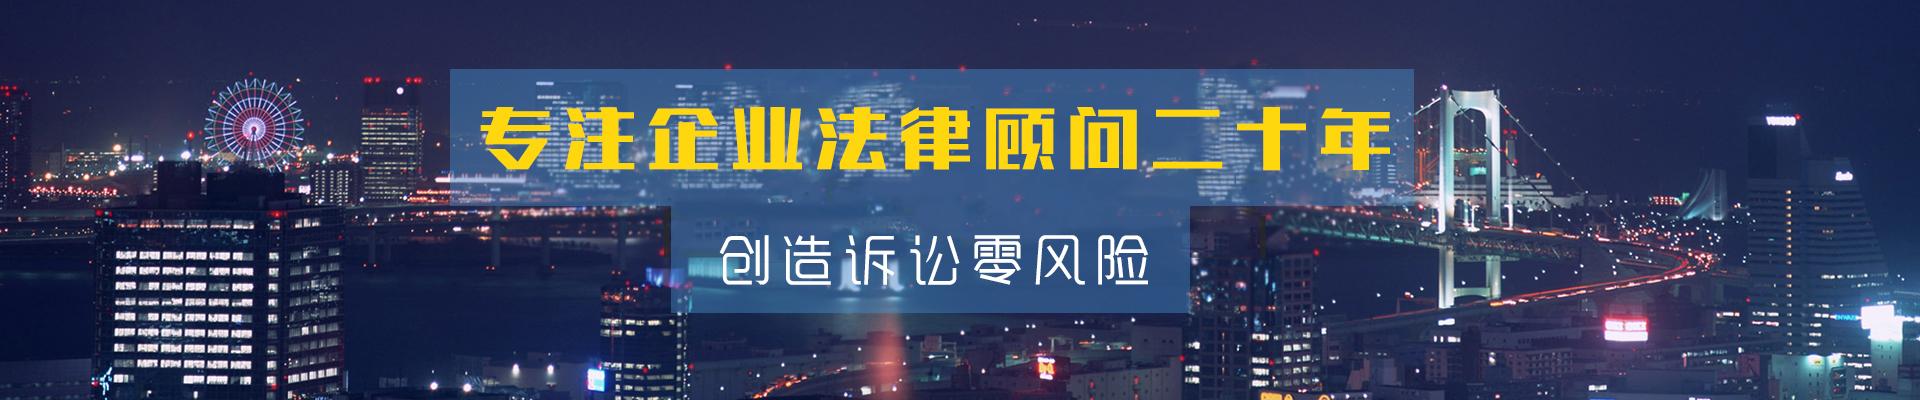 深圳法律顾问律师